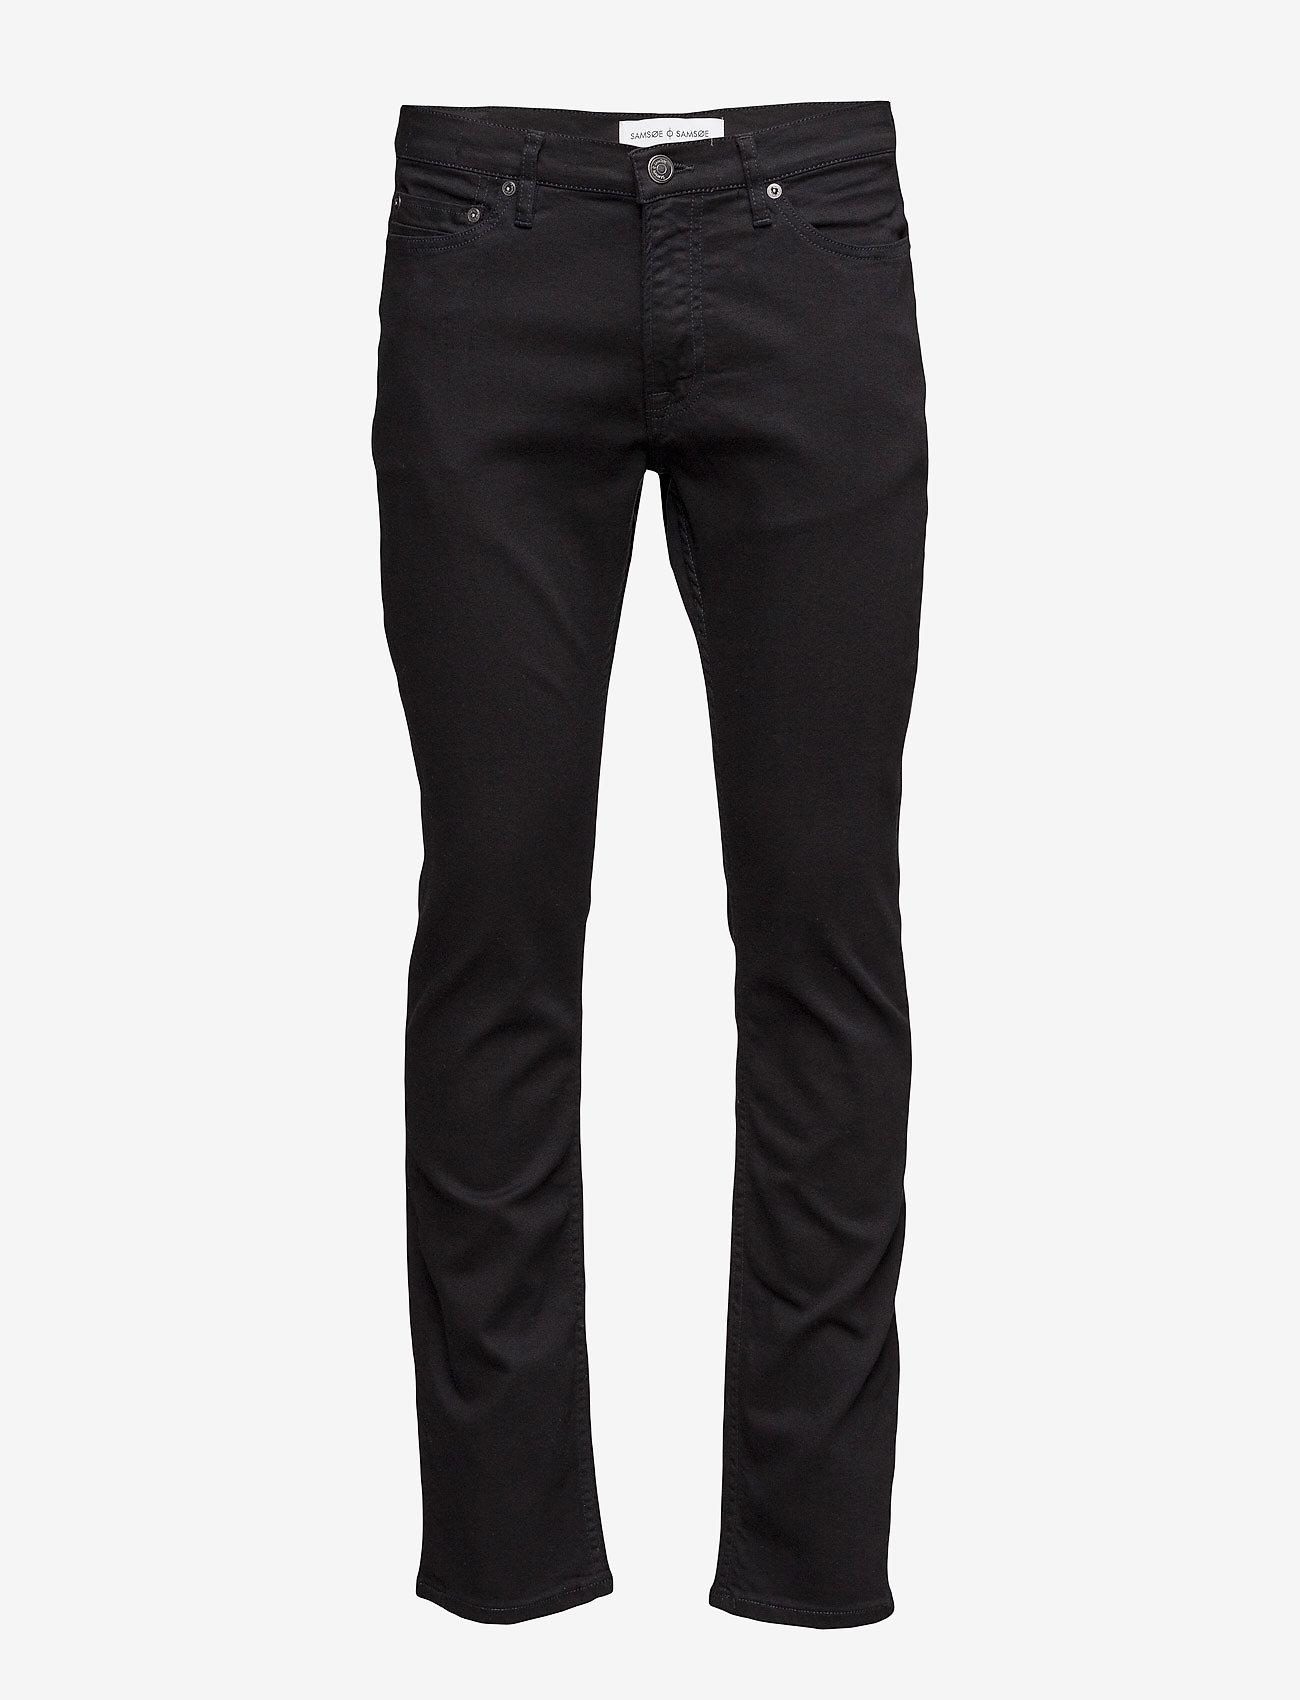 Samsøe Samsøe - Stefan jean 5890 - džinsa bikses ar tievām starām - black rinse - 1